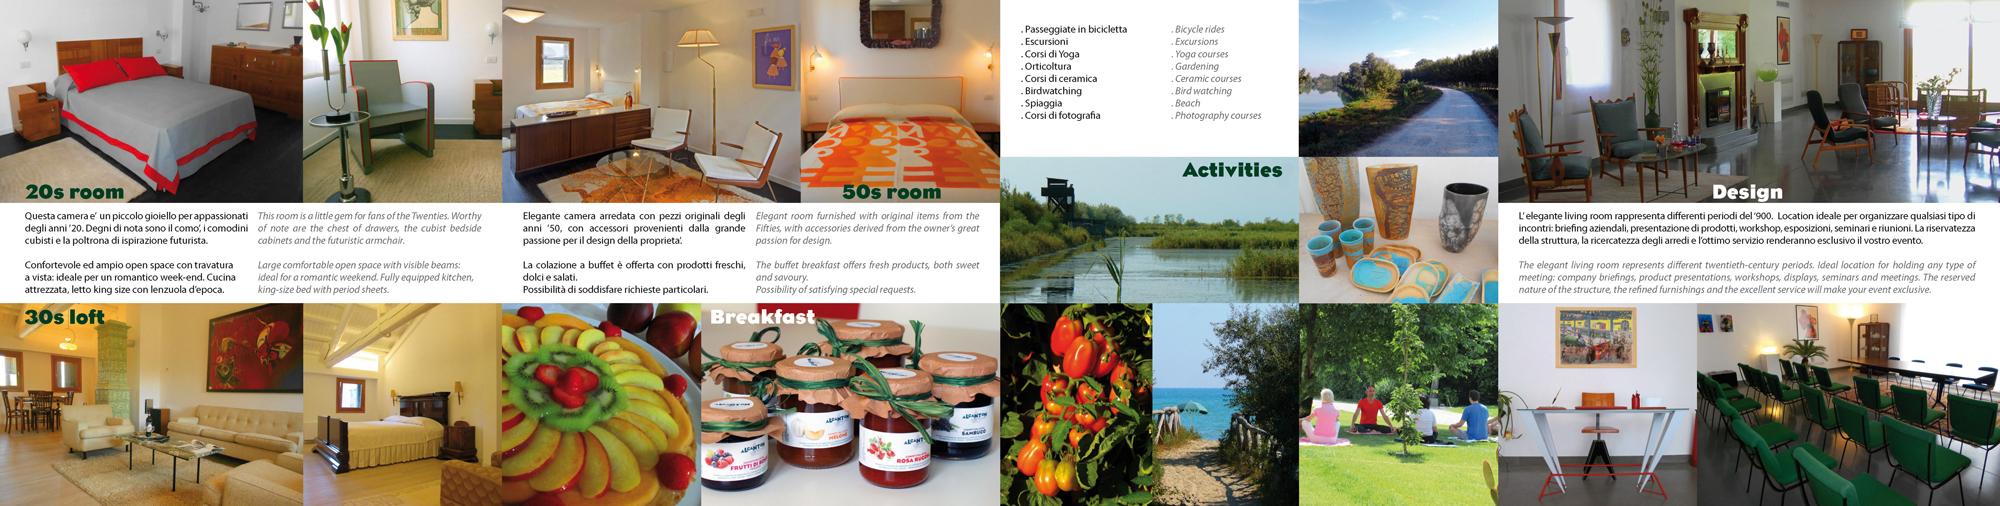 brochure-al-canton_Pagina_2a